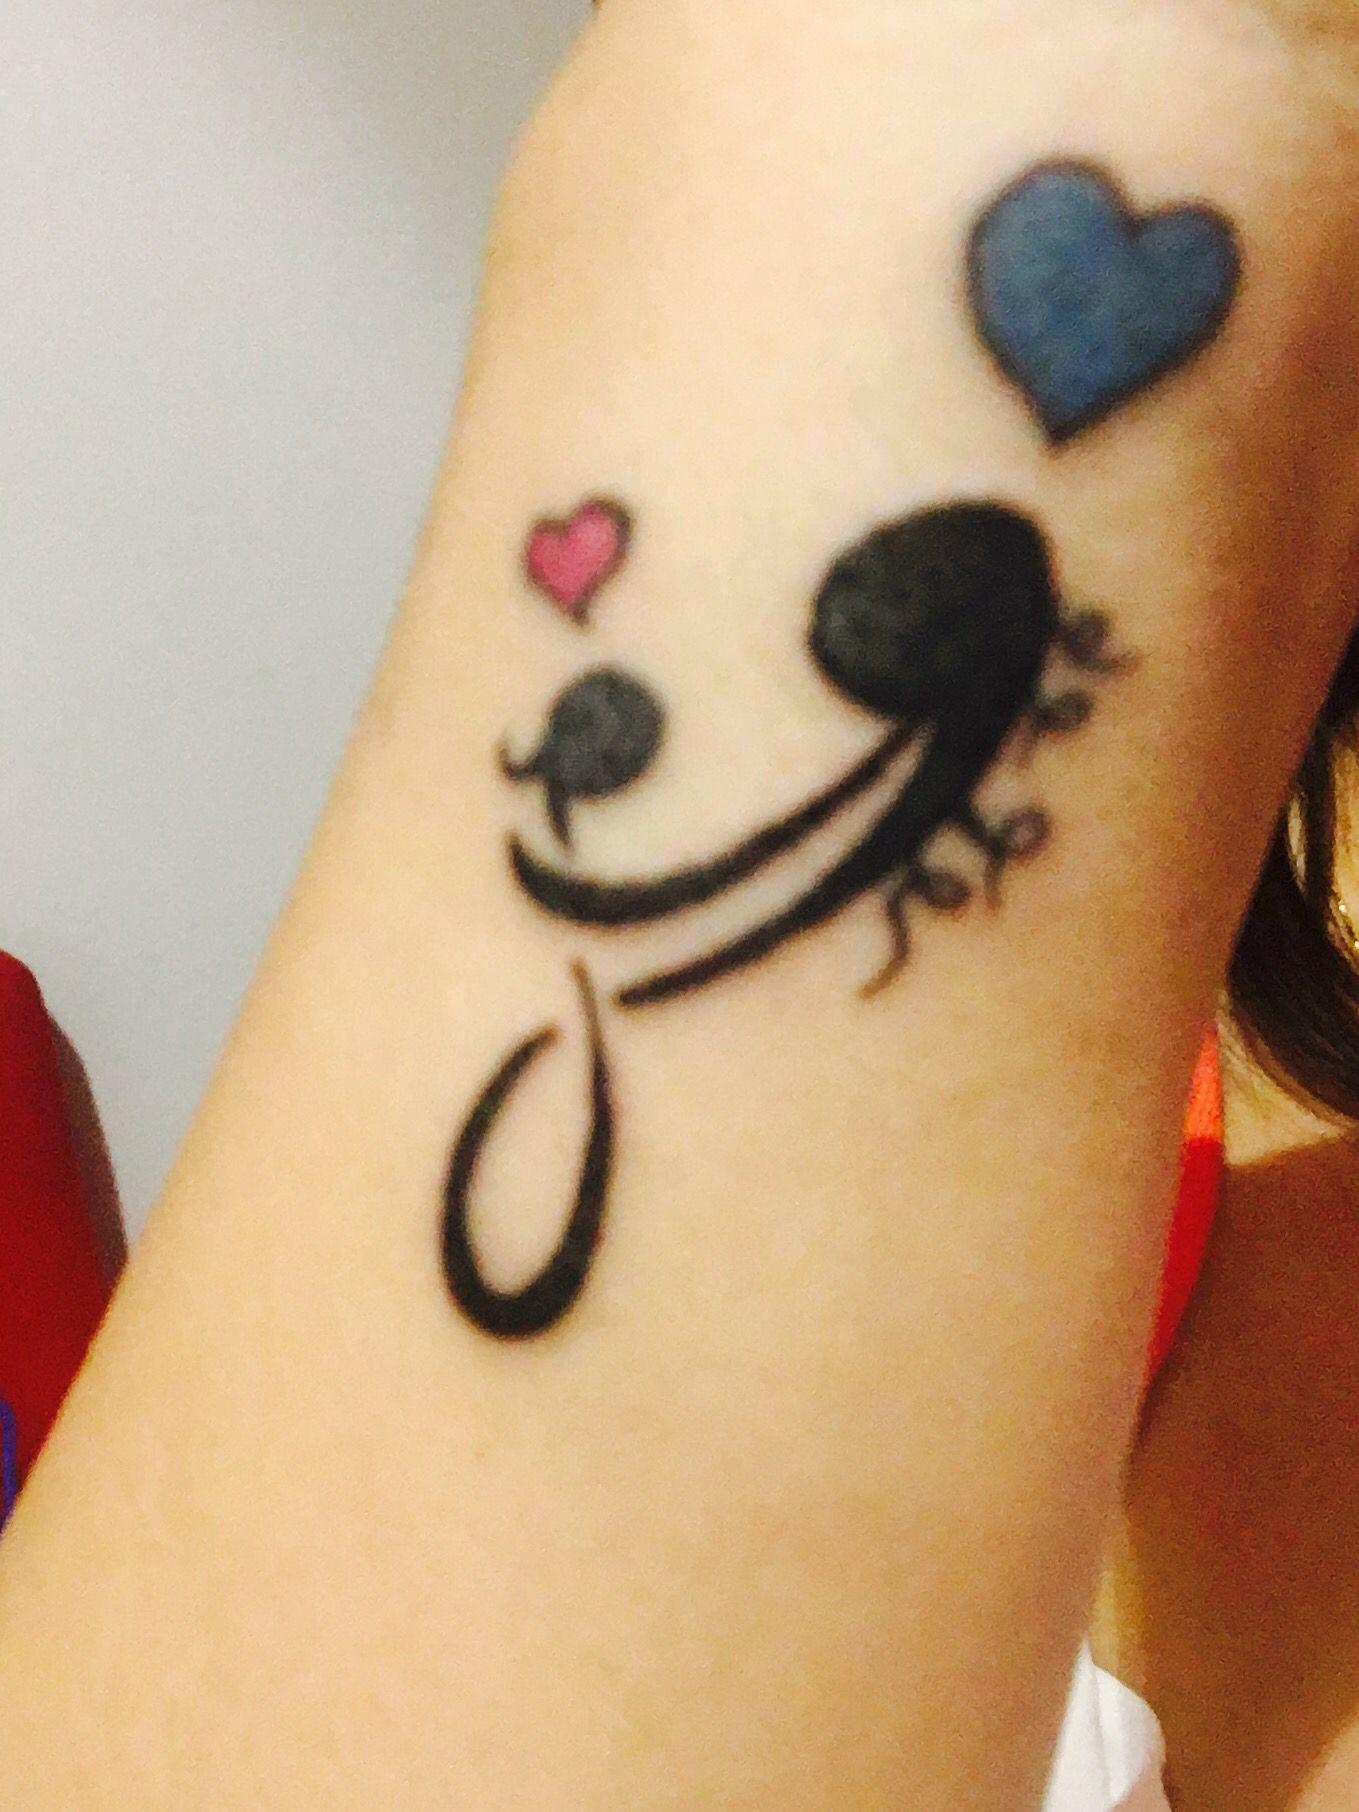 Mi Tatuaje Que Simboliza La Maternidad El Amor La Proteccion Y La Union Q Tenemos Para Siempre Mi Hija Y Yo Paw Print Tattoo Tattoos Print Tattoos